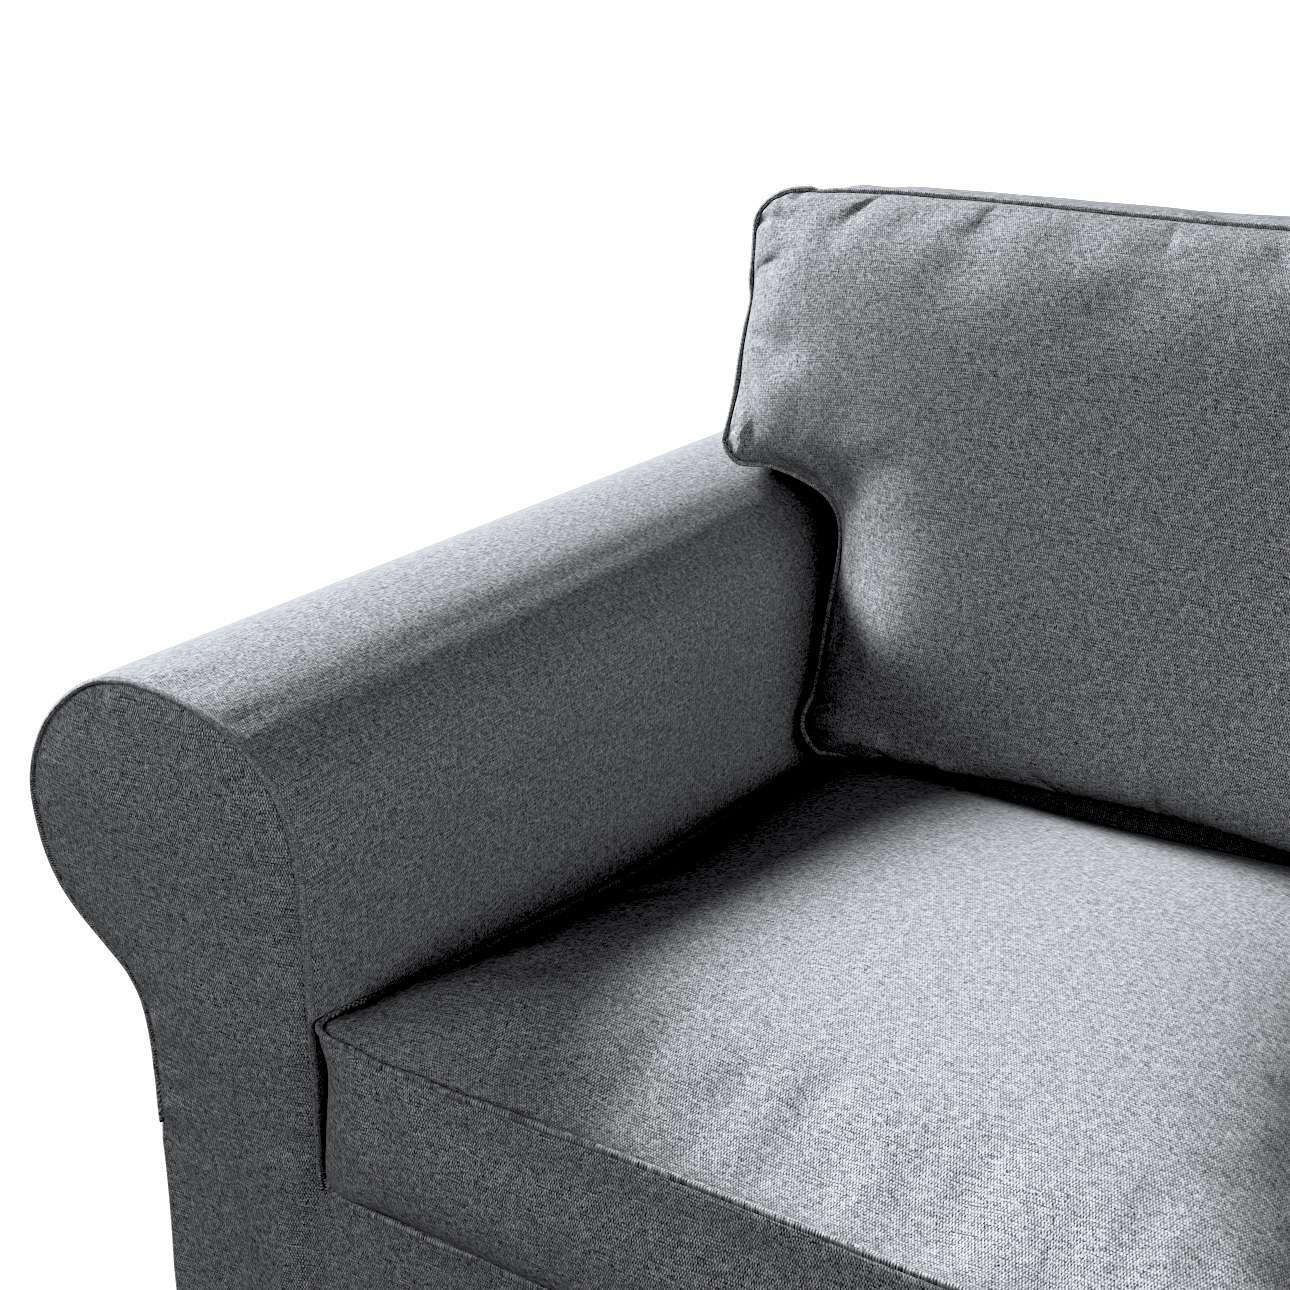 Pokrowiec na sofę Ektorp 2-osobową rozkładaną, model po 2012 w kolekcji Amsterdam, tkanina: 704-47